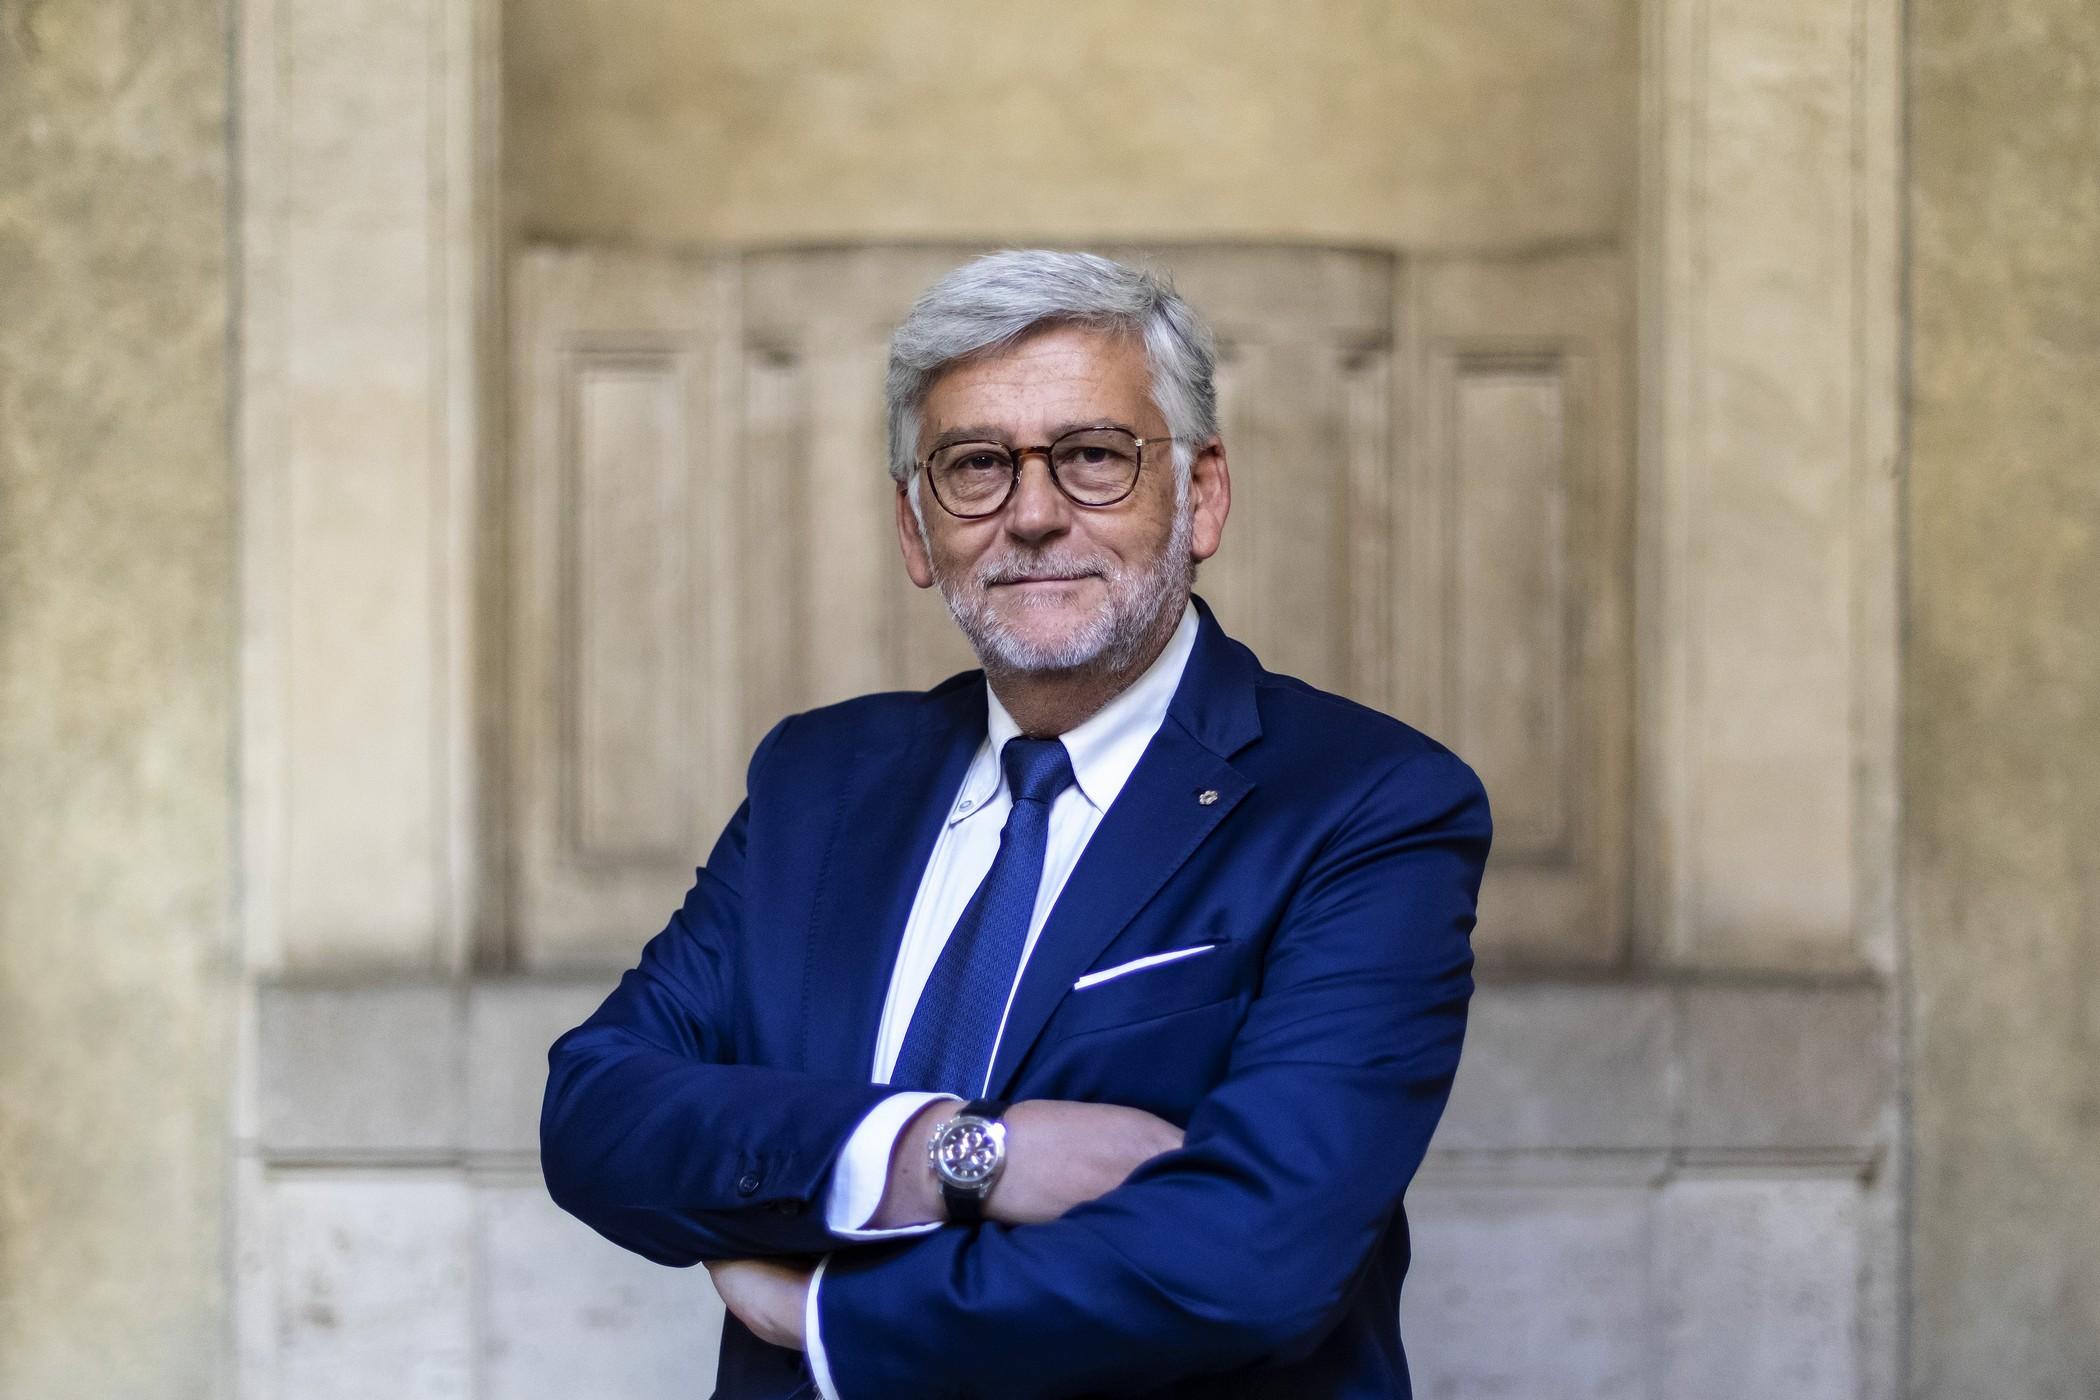 https://www.promotionmagazine.it/wp/wp-content/uploads/2020/07/Francesco-Pugliese.jpg